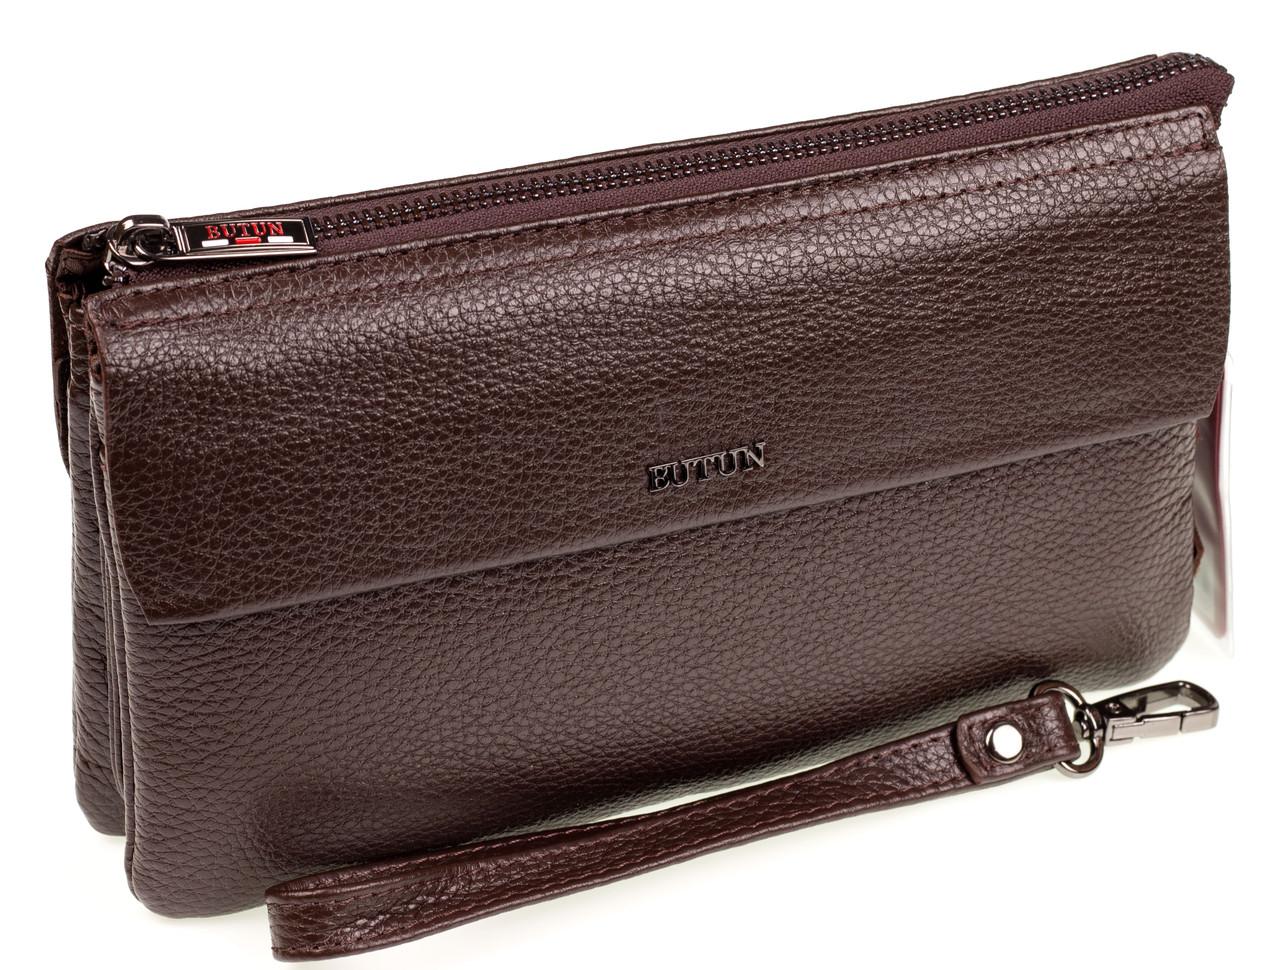 Мужской клатч барсетка Butun 016-004-004 кожаная коричневая